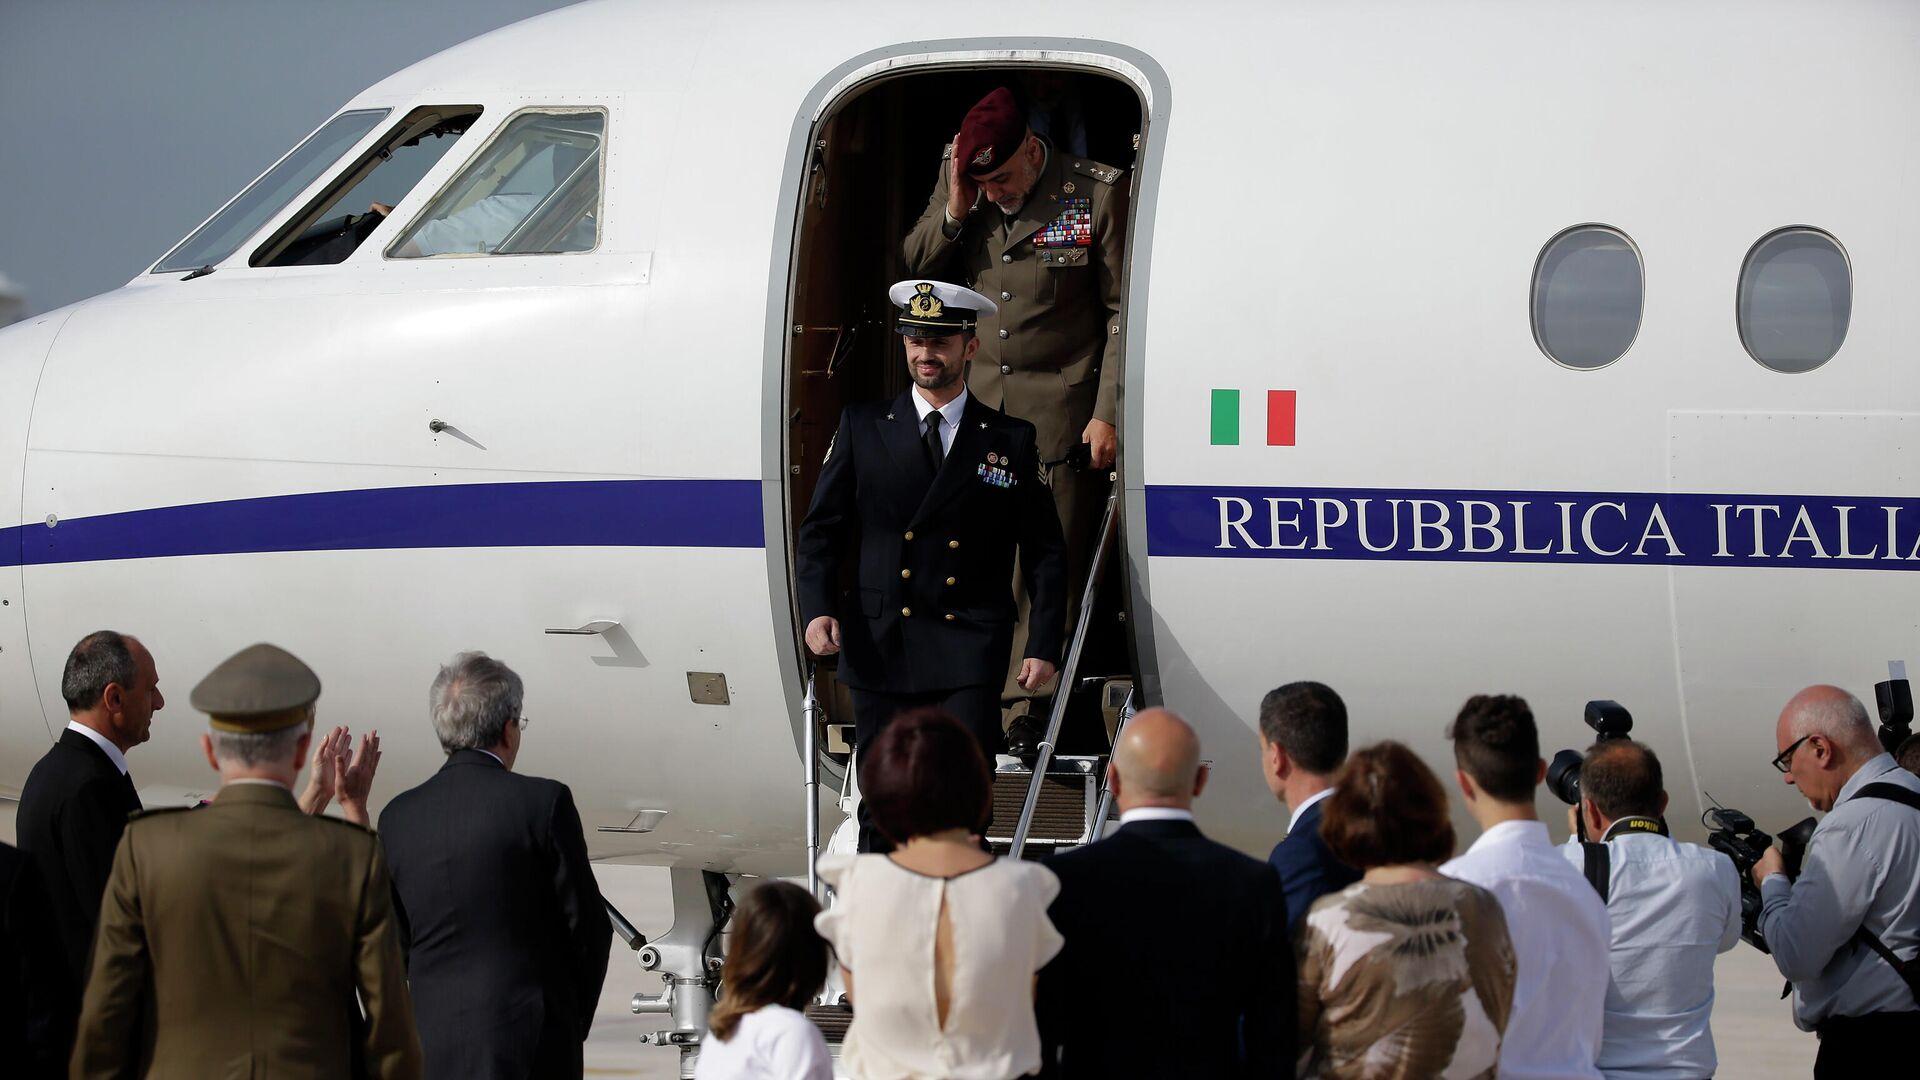 Miembro del regimiento San Marco de la Marina Militar Italiana, Salvatore Girone en su vuelta a Italia en 2016 - Sputnik Mundo, 1920, 15.06.2021